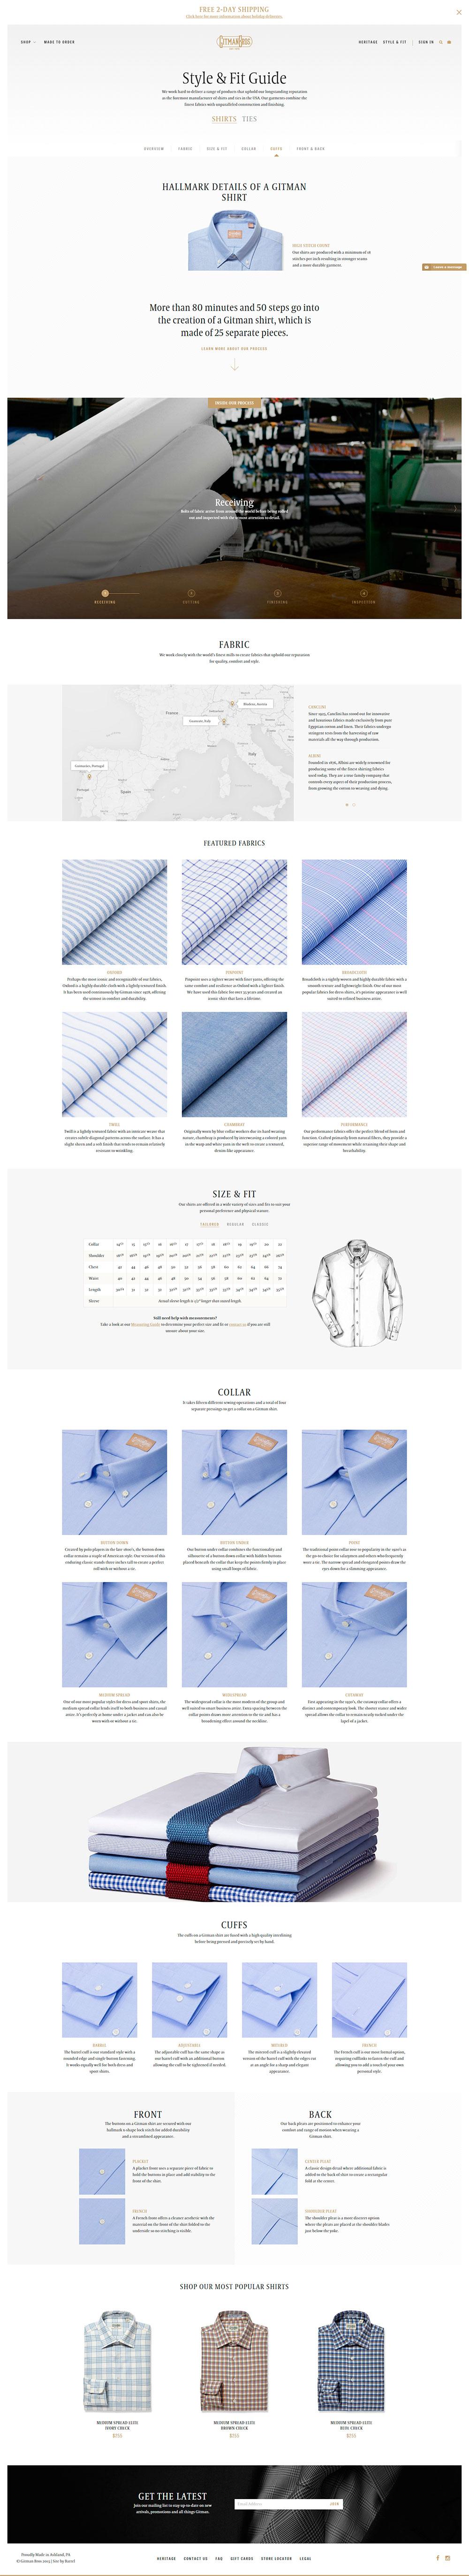 Gitman Shirts - Los websites de la semana 1# 12/2015